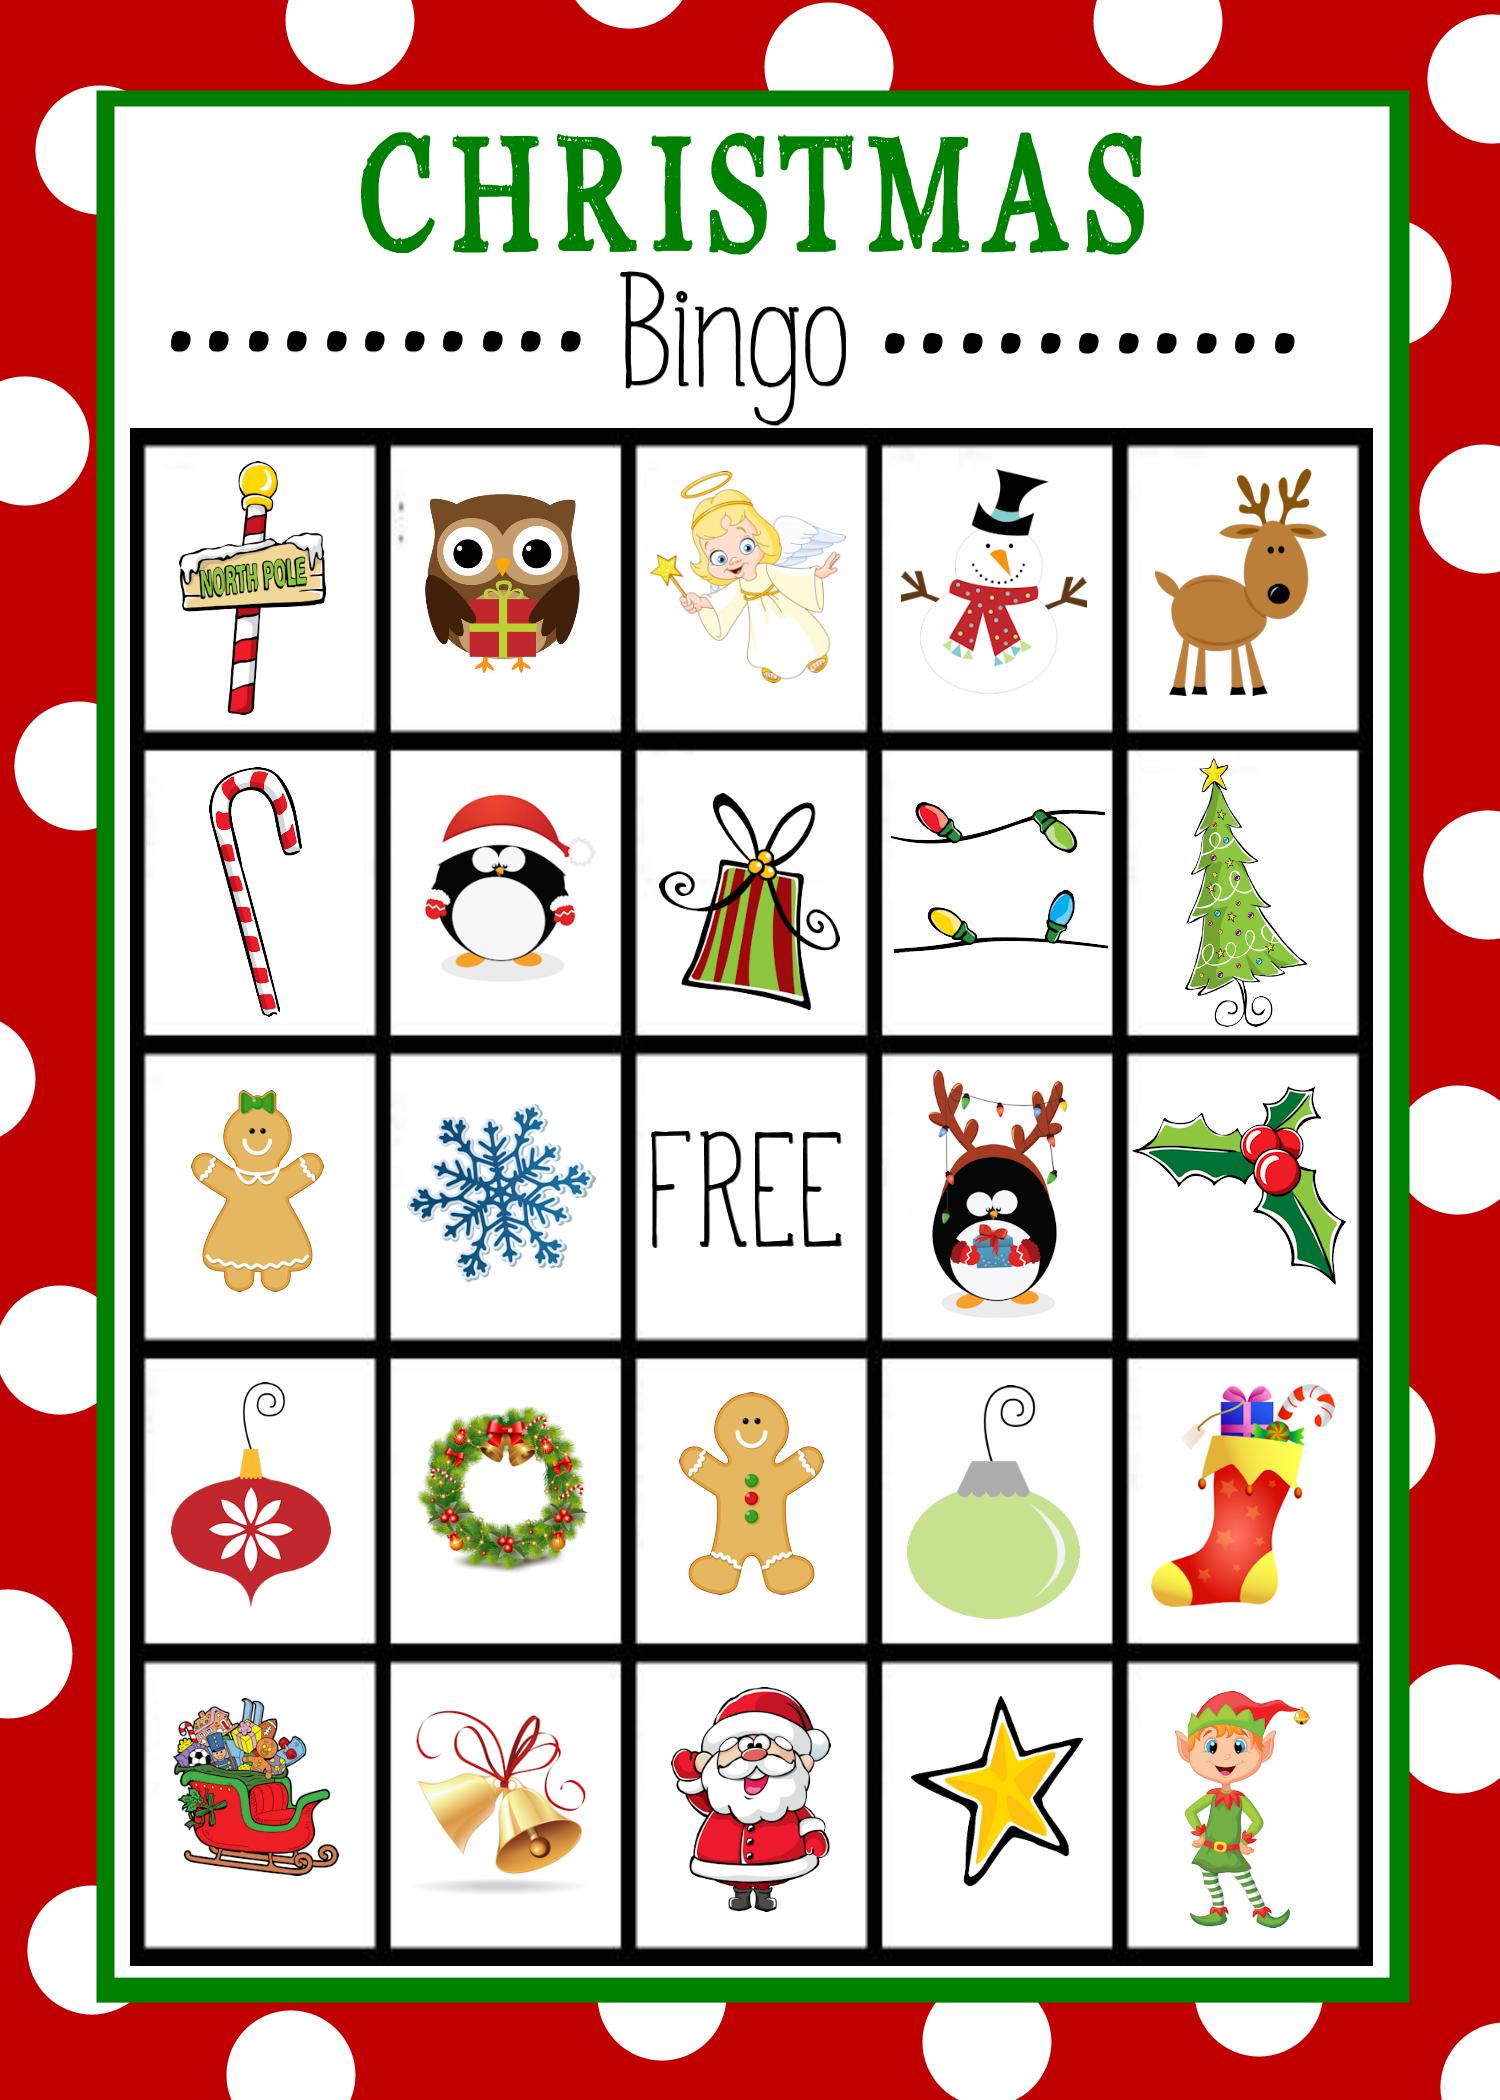 Free Printable Christmas Bingo Game   Christmas   Christmas Bingo - Free Printable Christmas Board Games